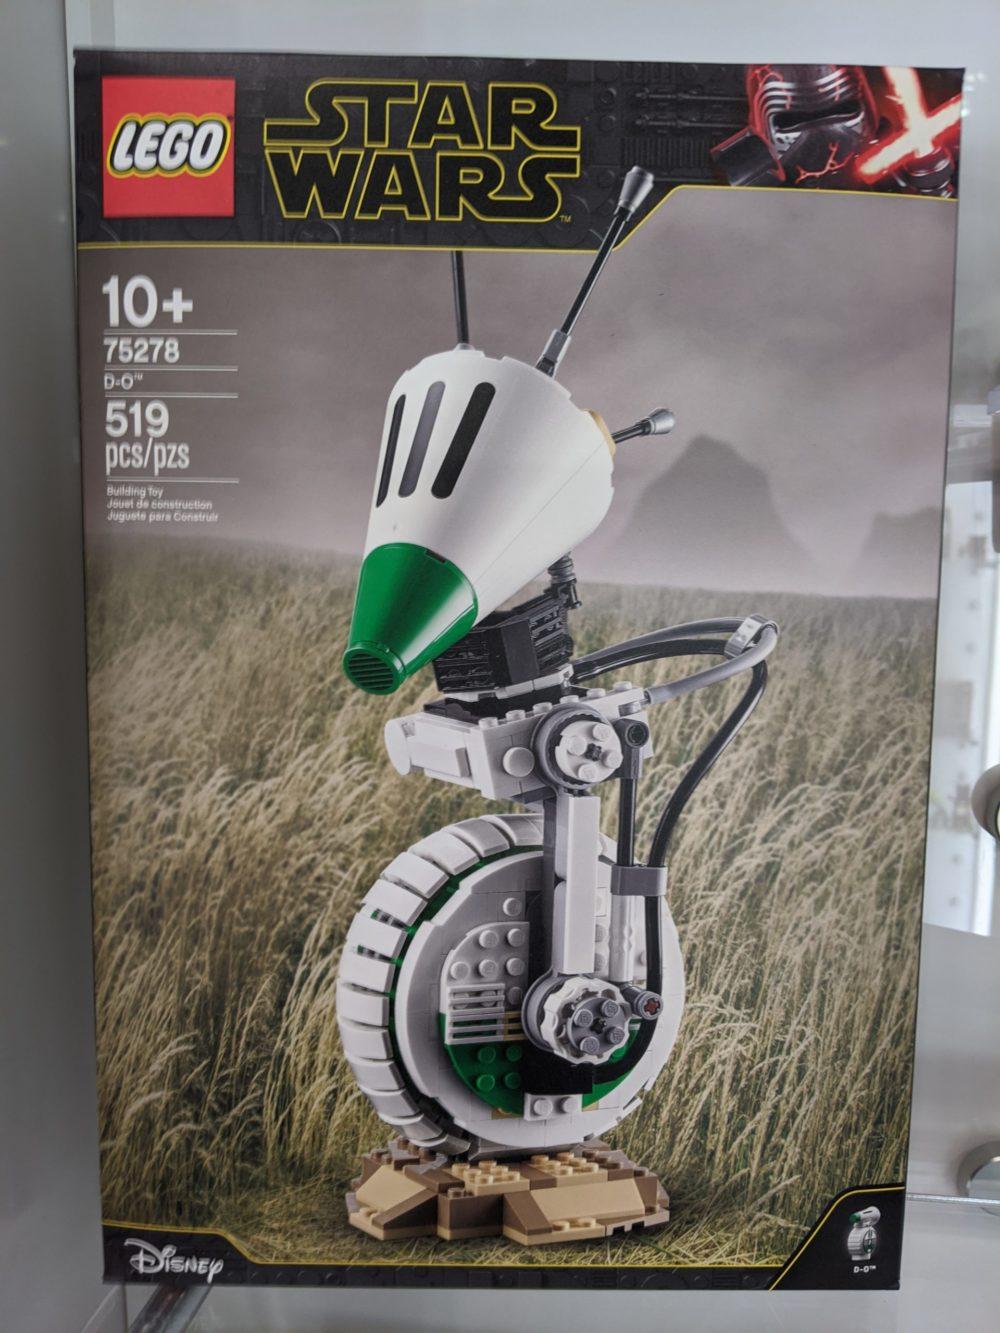 New York Toy Fair - LEGO Star Wars 75278 D-O